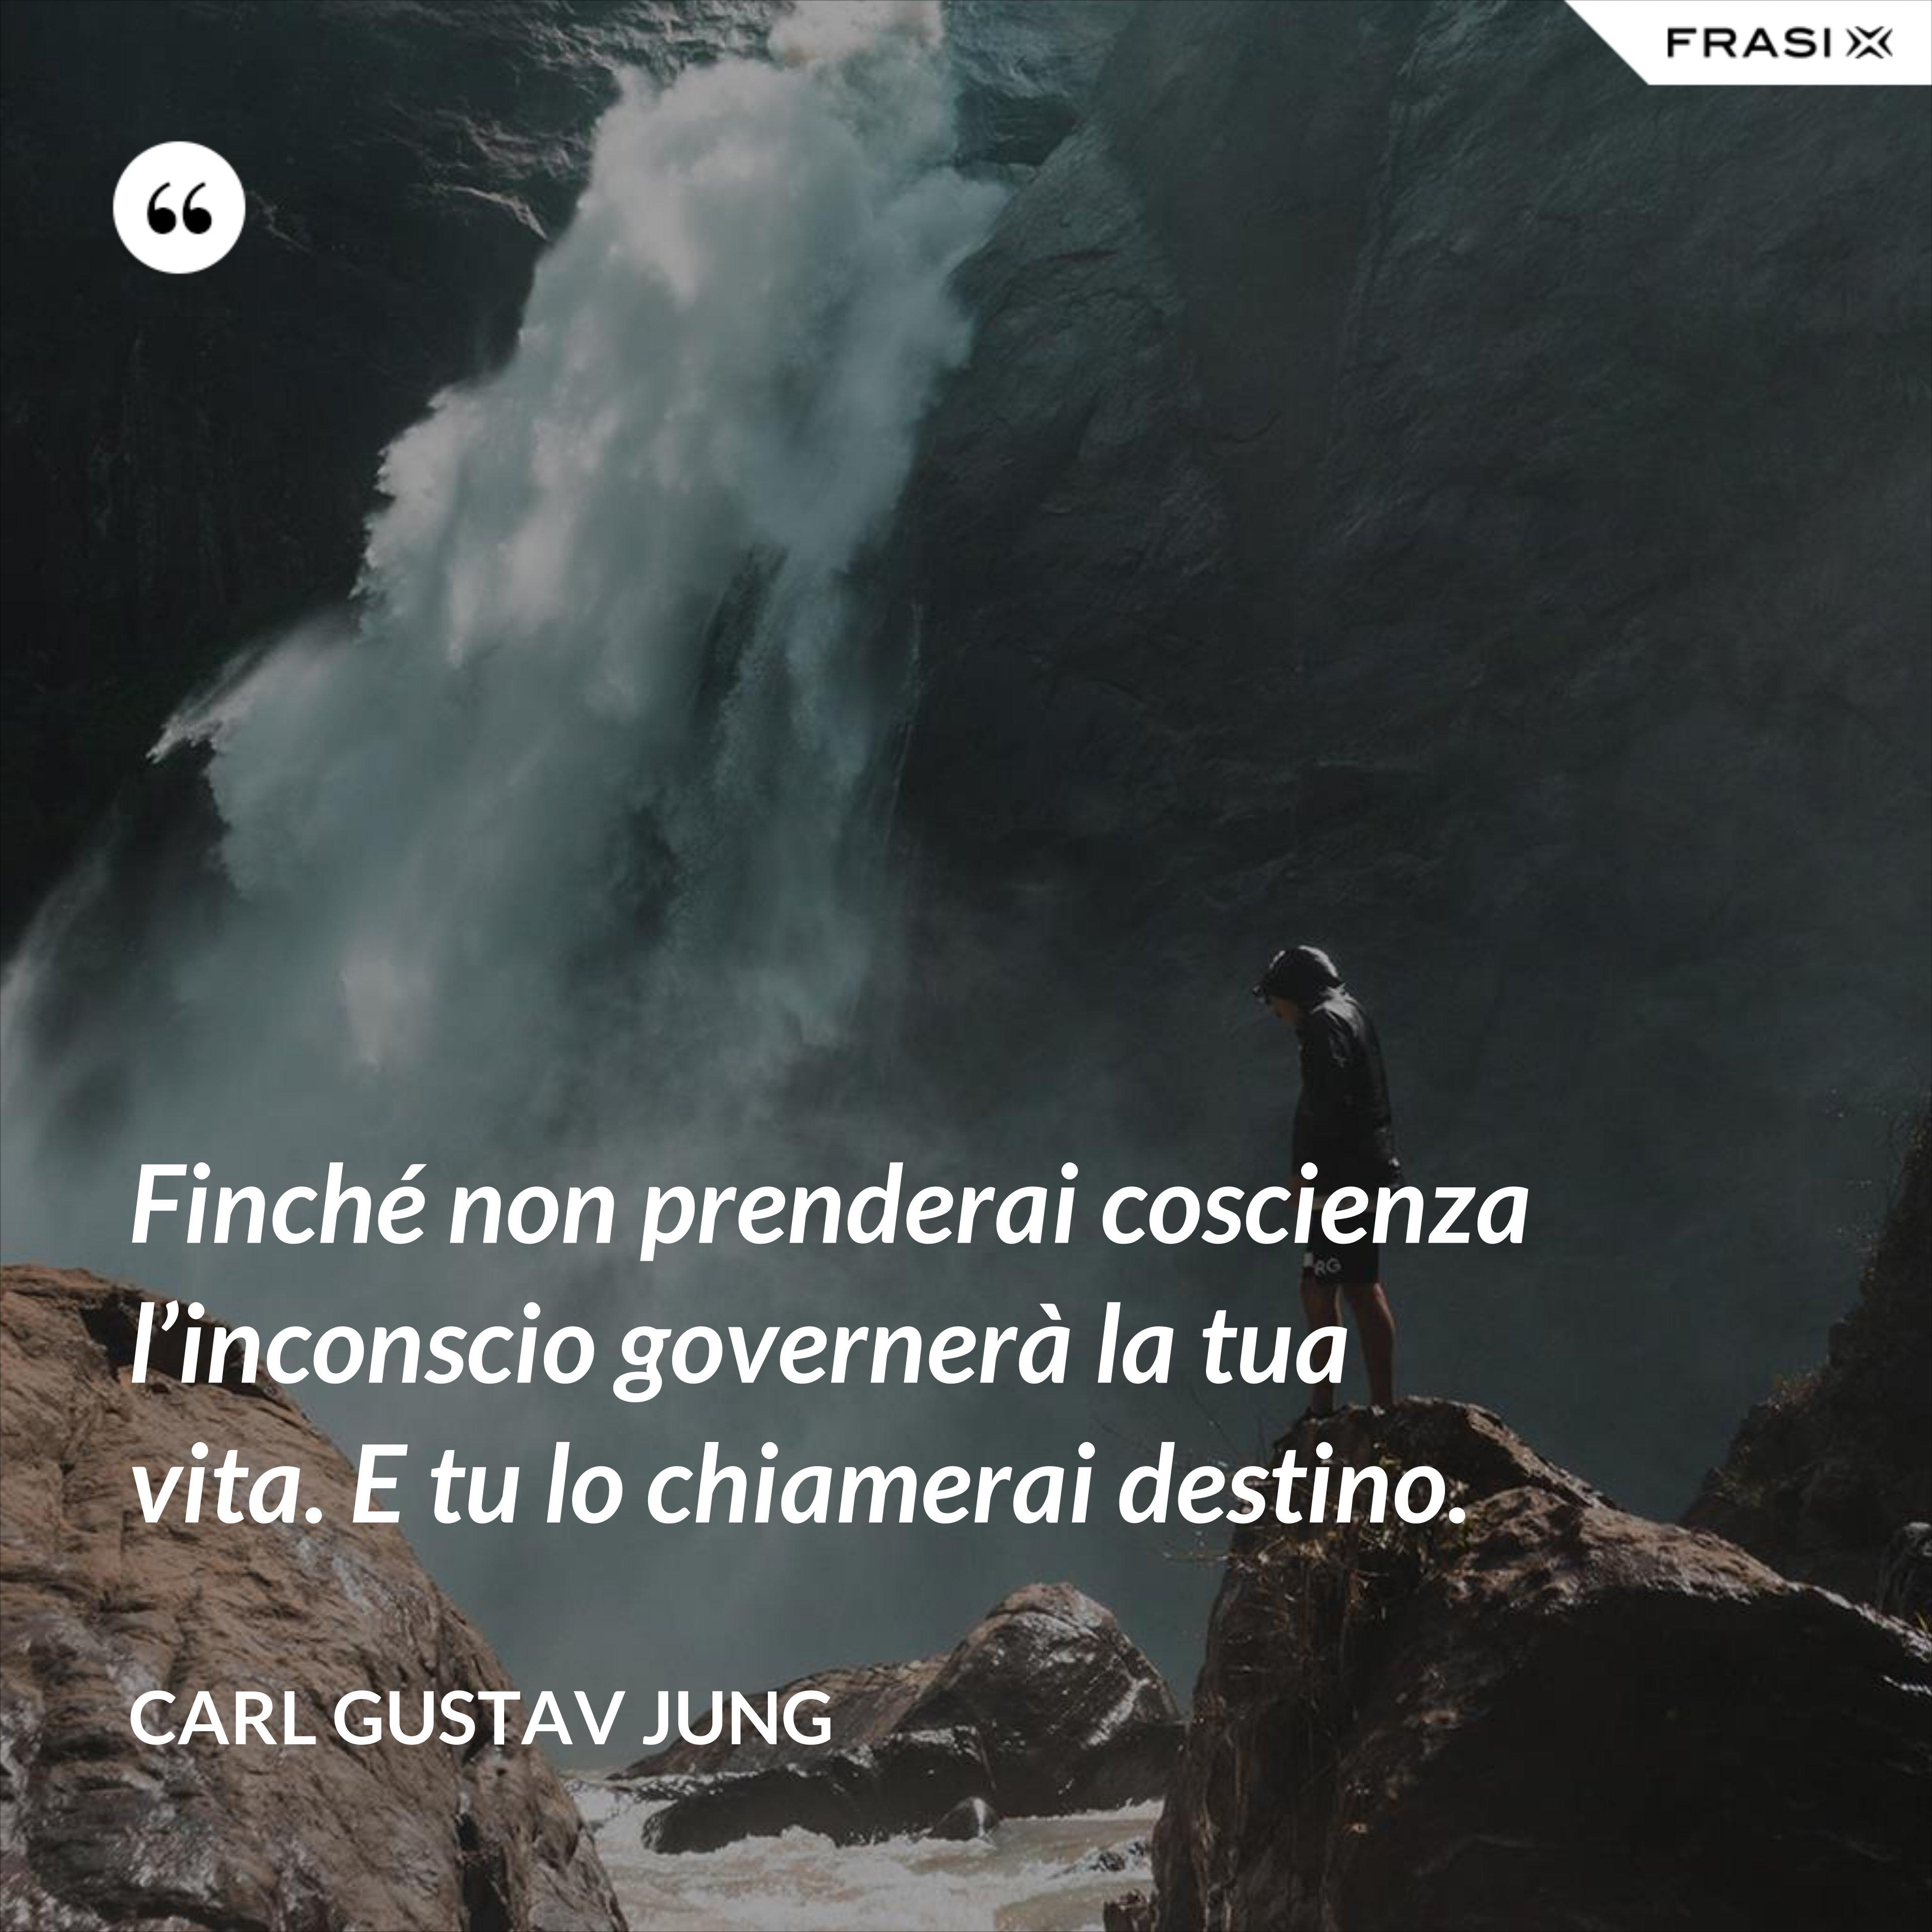 Finché non prenderai coscienza l'inconscio governerà la tua vita. E tu lo chiamerai destino. - Carl Gustav Jung